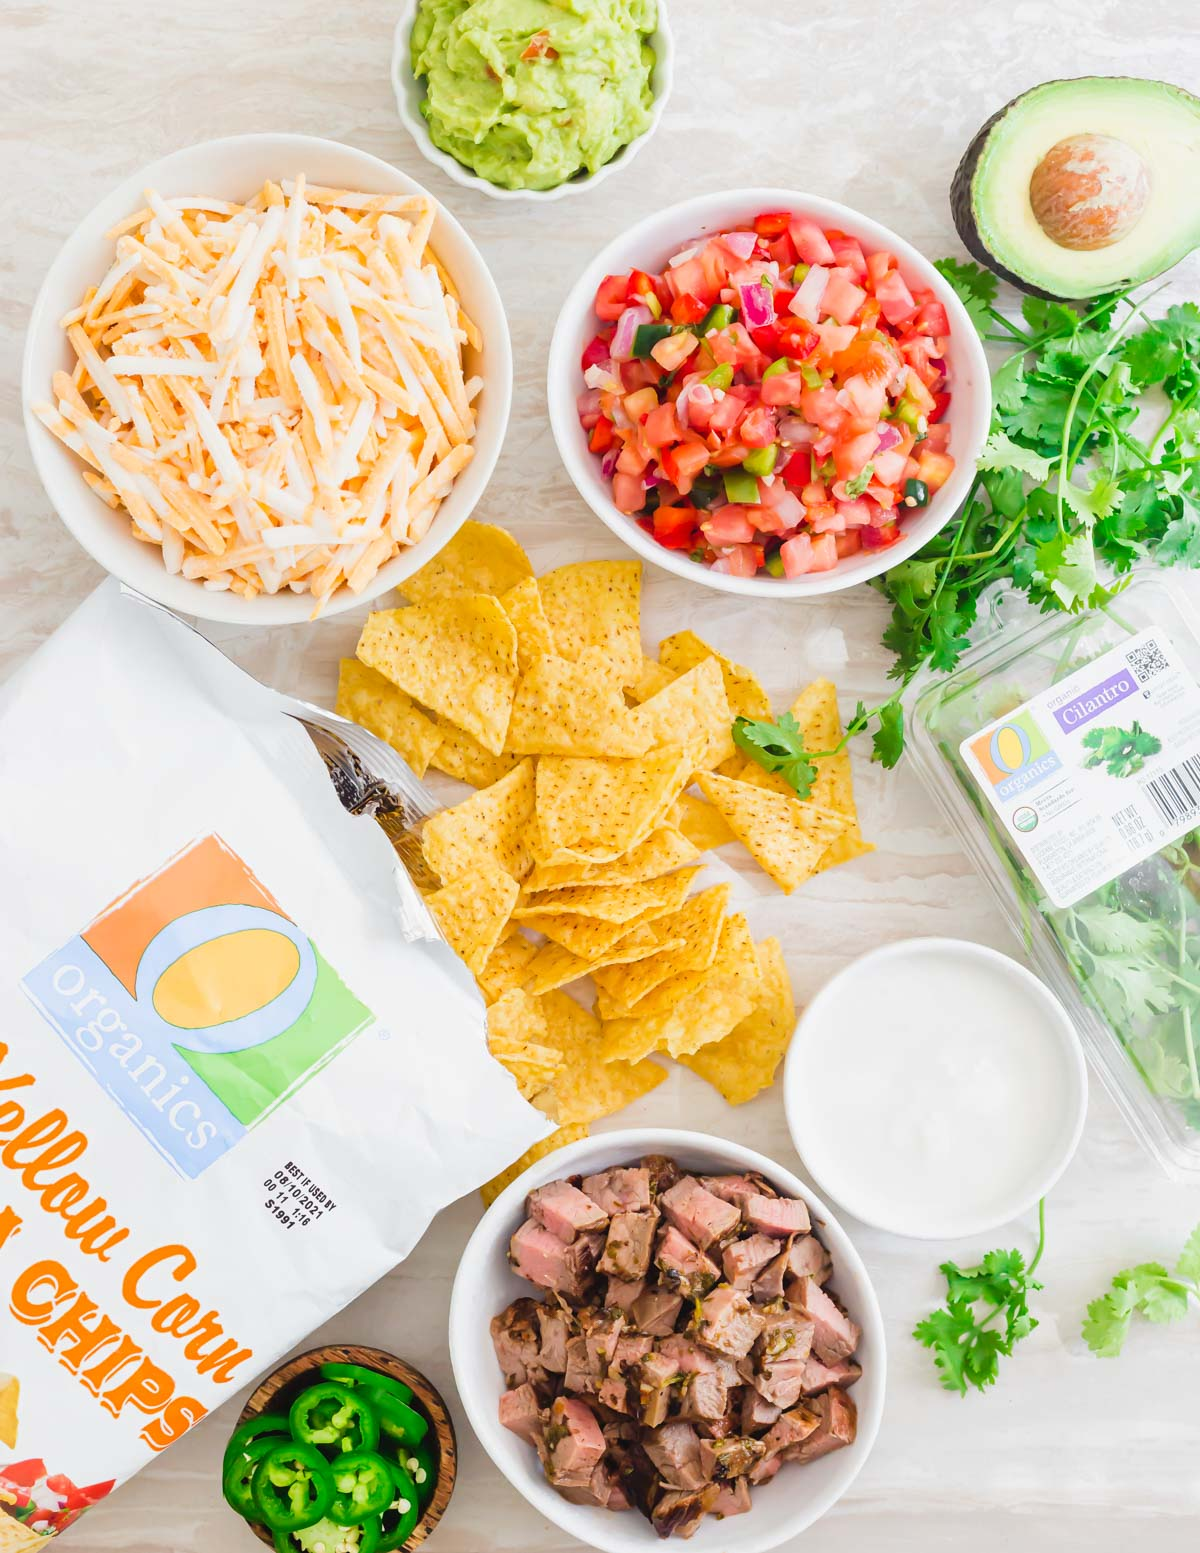 Ingredients to make carne asada nachos.